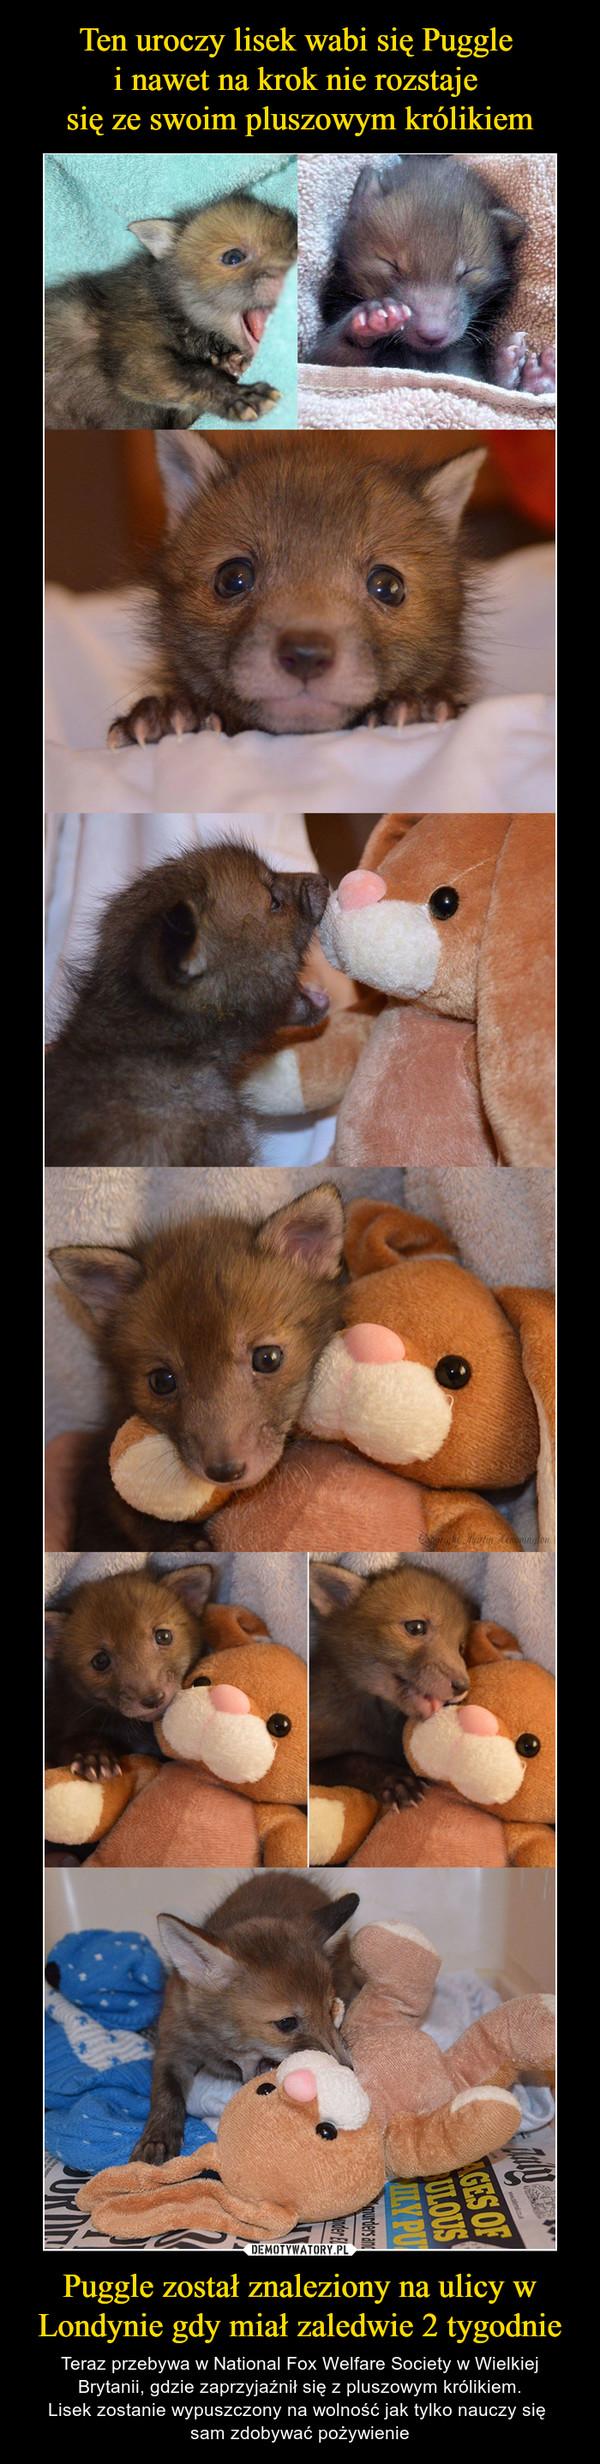 Puggle został znaleziony na ulicy w Londynie gdy miał zaledwie 2 tygodnie – Teraz przebywa w National Fox Welfare Society w Wielkiej Brytanii, gdzie zaprzyjaźnił się z pluszowym królikiem.Lisek zostanie wypuszczony na wolność jak tylko nauczy się sam zdobywać pożywienie